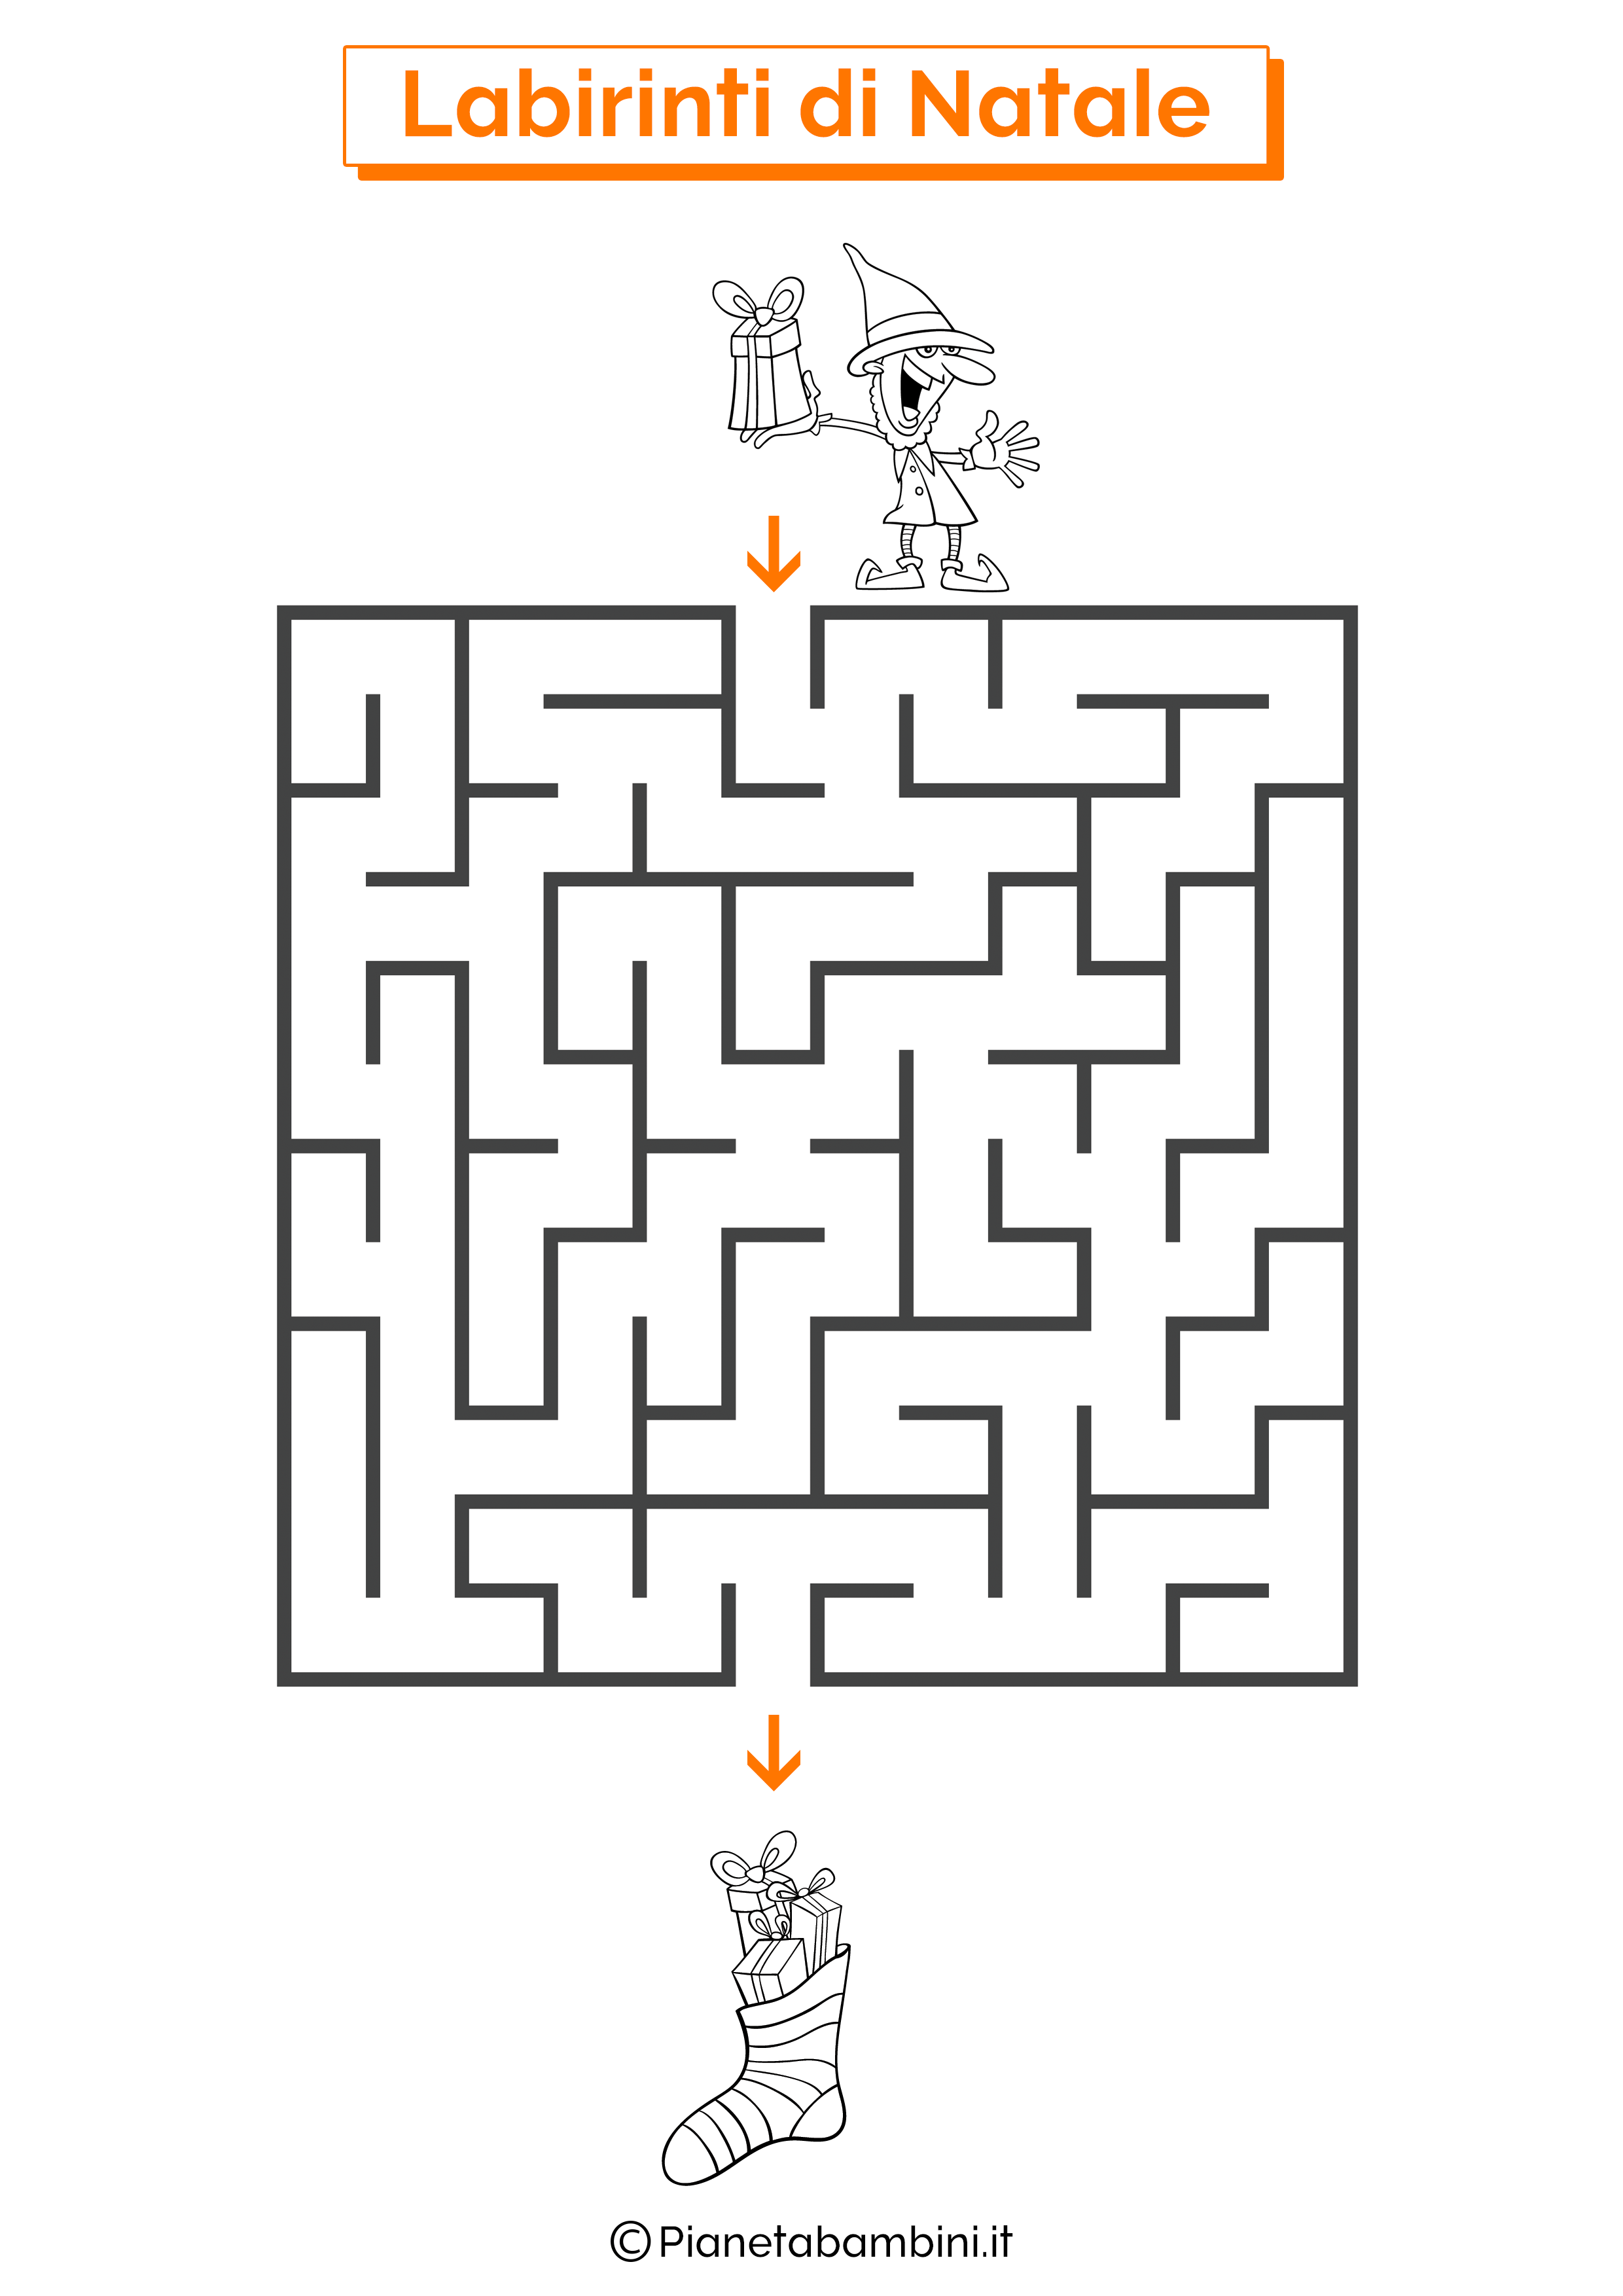 Labirinto di Natale da stampare 06